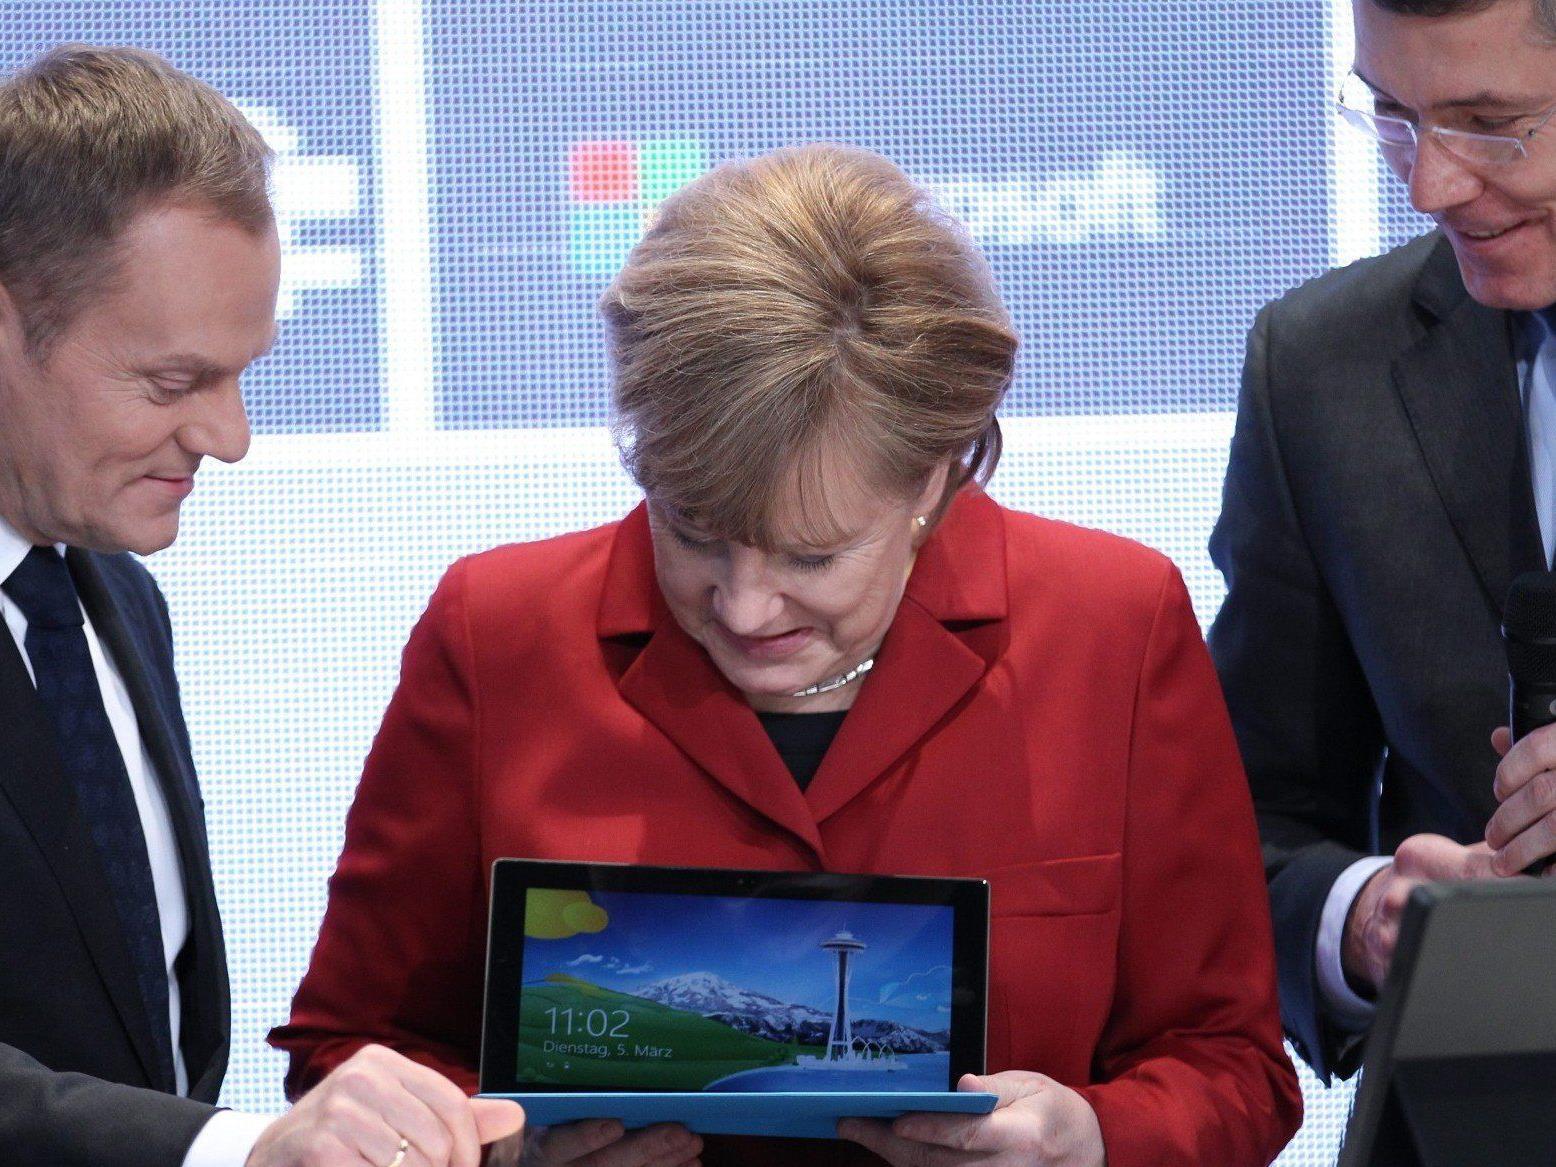 Anegla Merkel eröffnete am Dienstag die CeBit 2013 in Hannover.